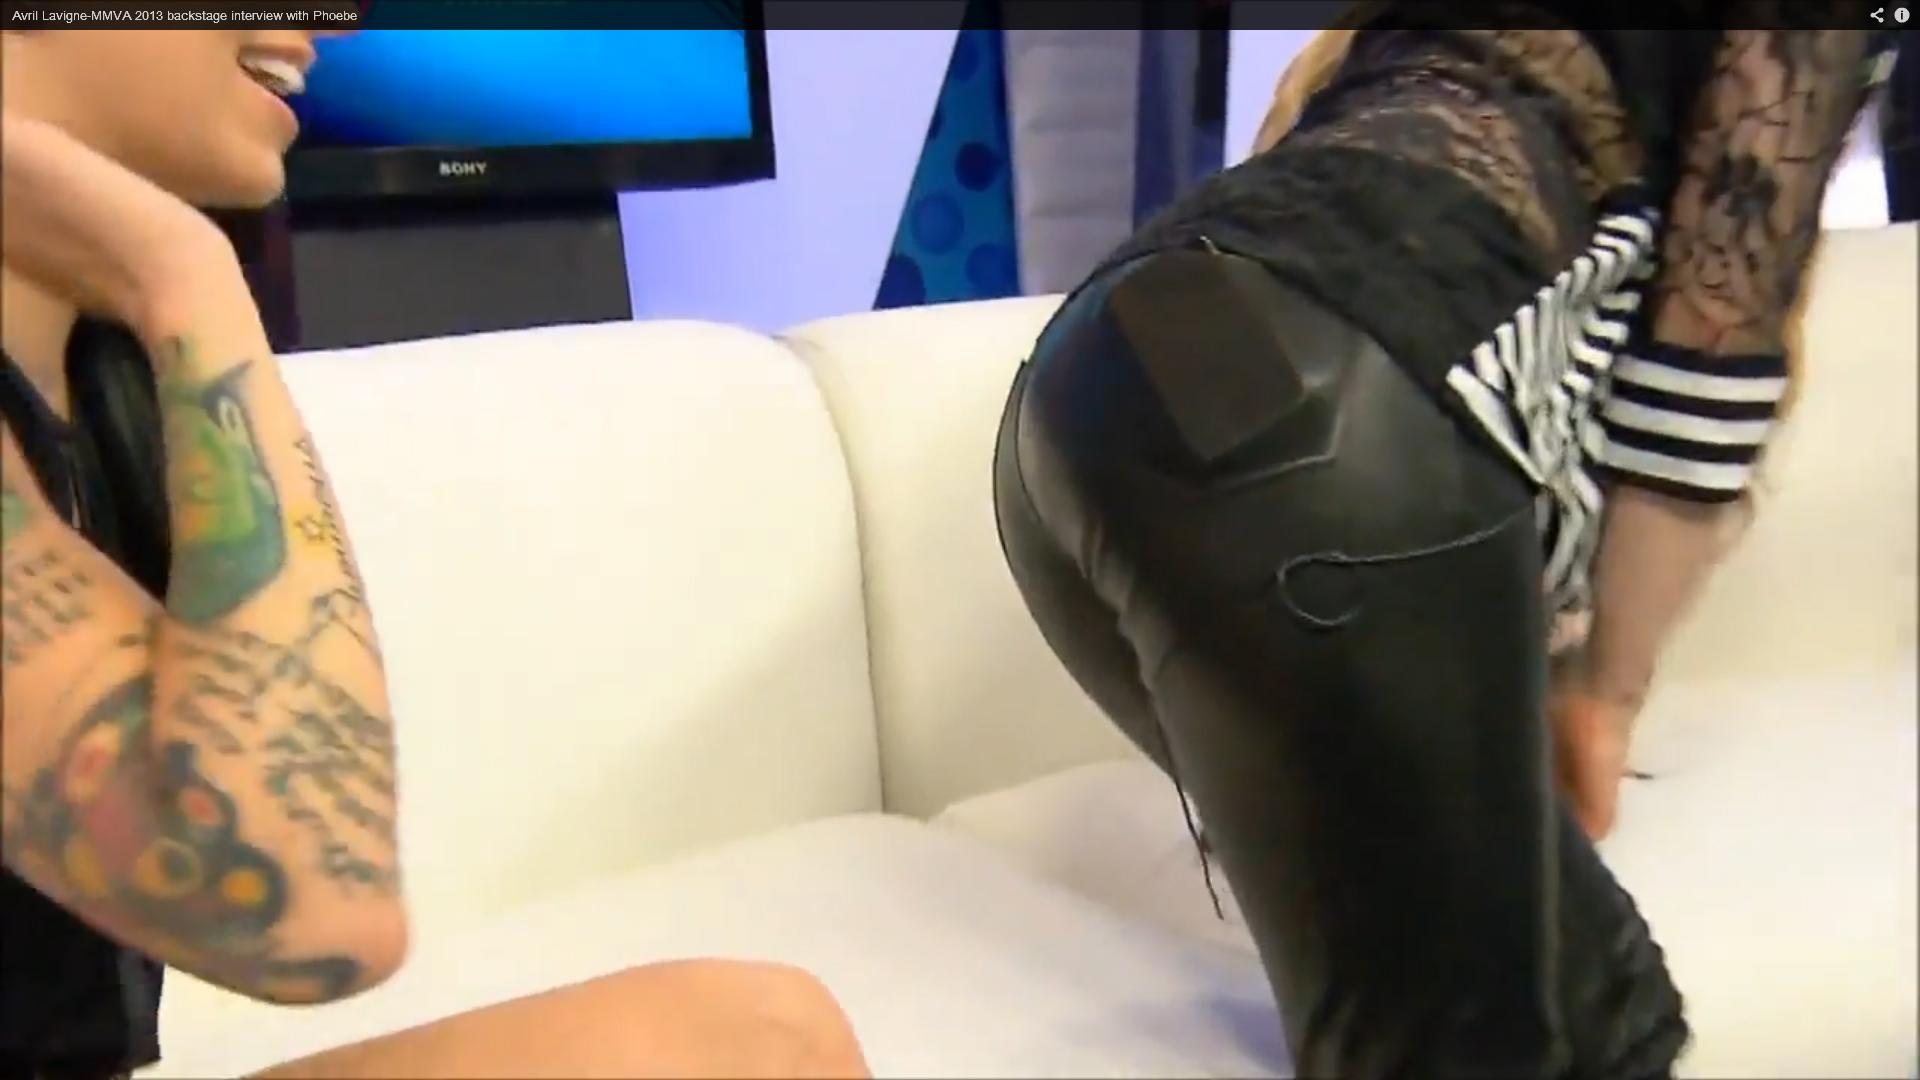 Azotes Al Culo fondos de pantalla : culo, cuero, pantalones, abril, leder